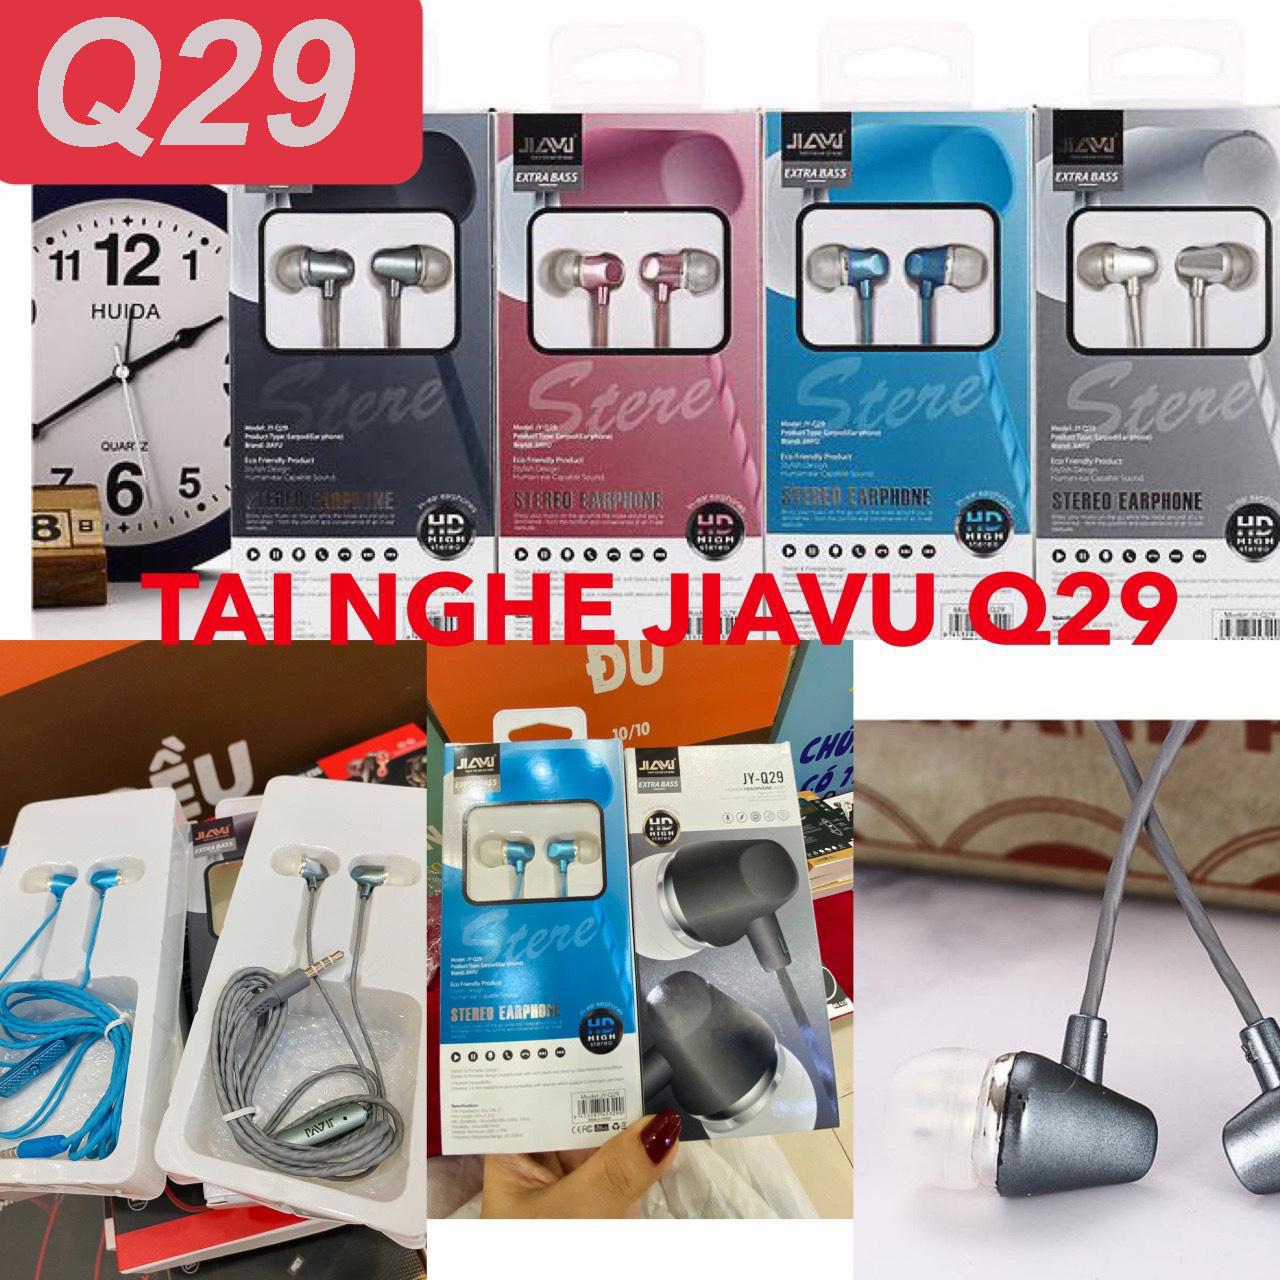 Tai nghe Jiavu Q29